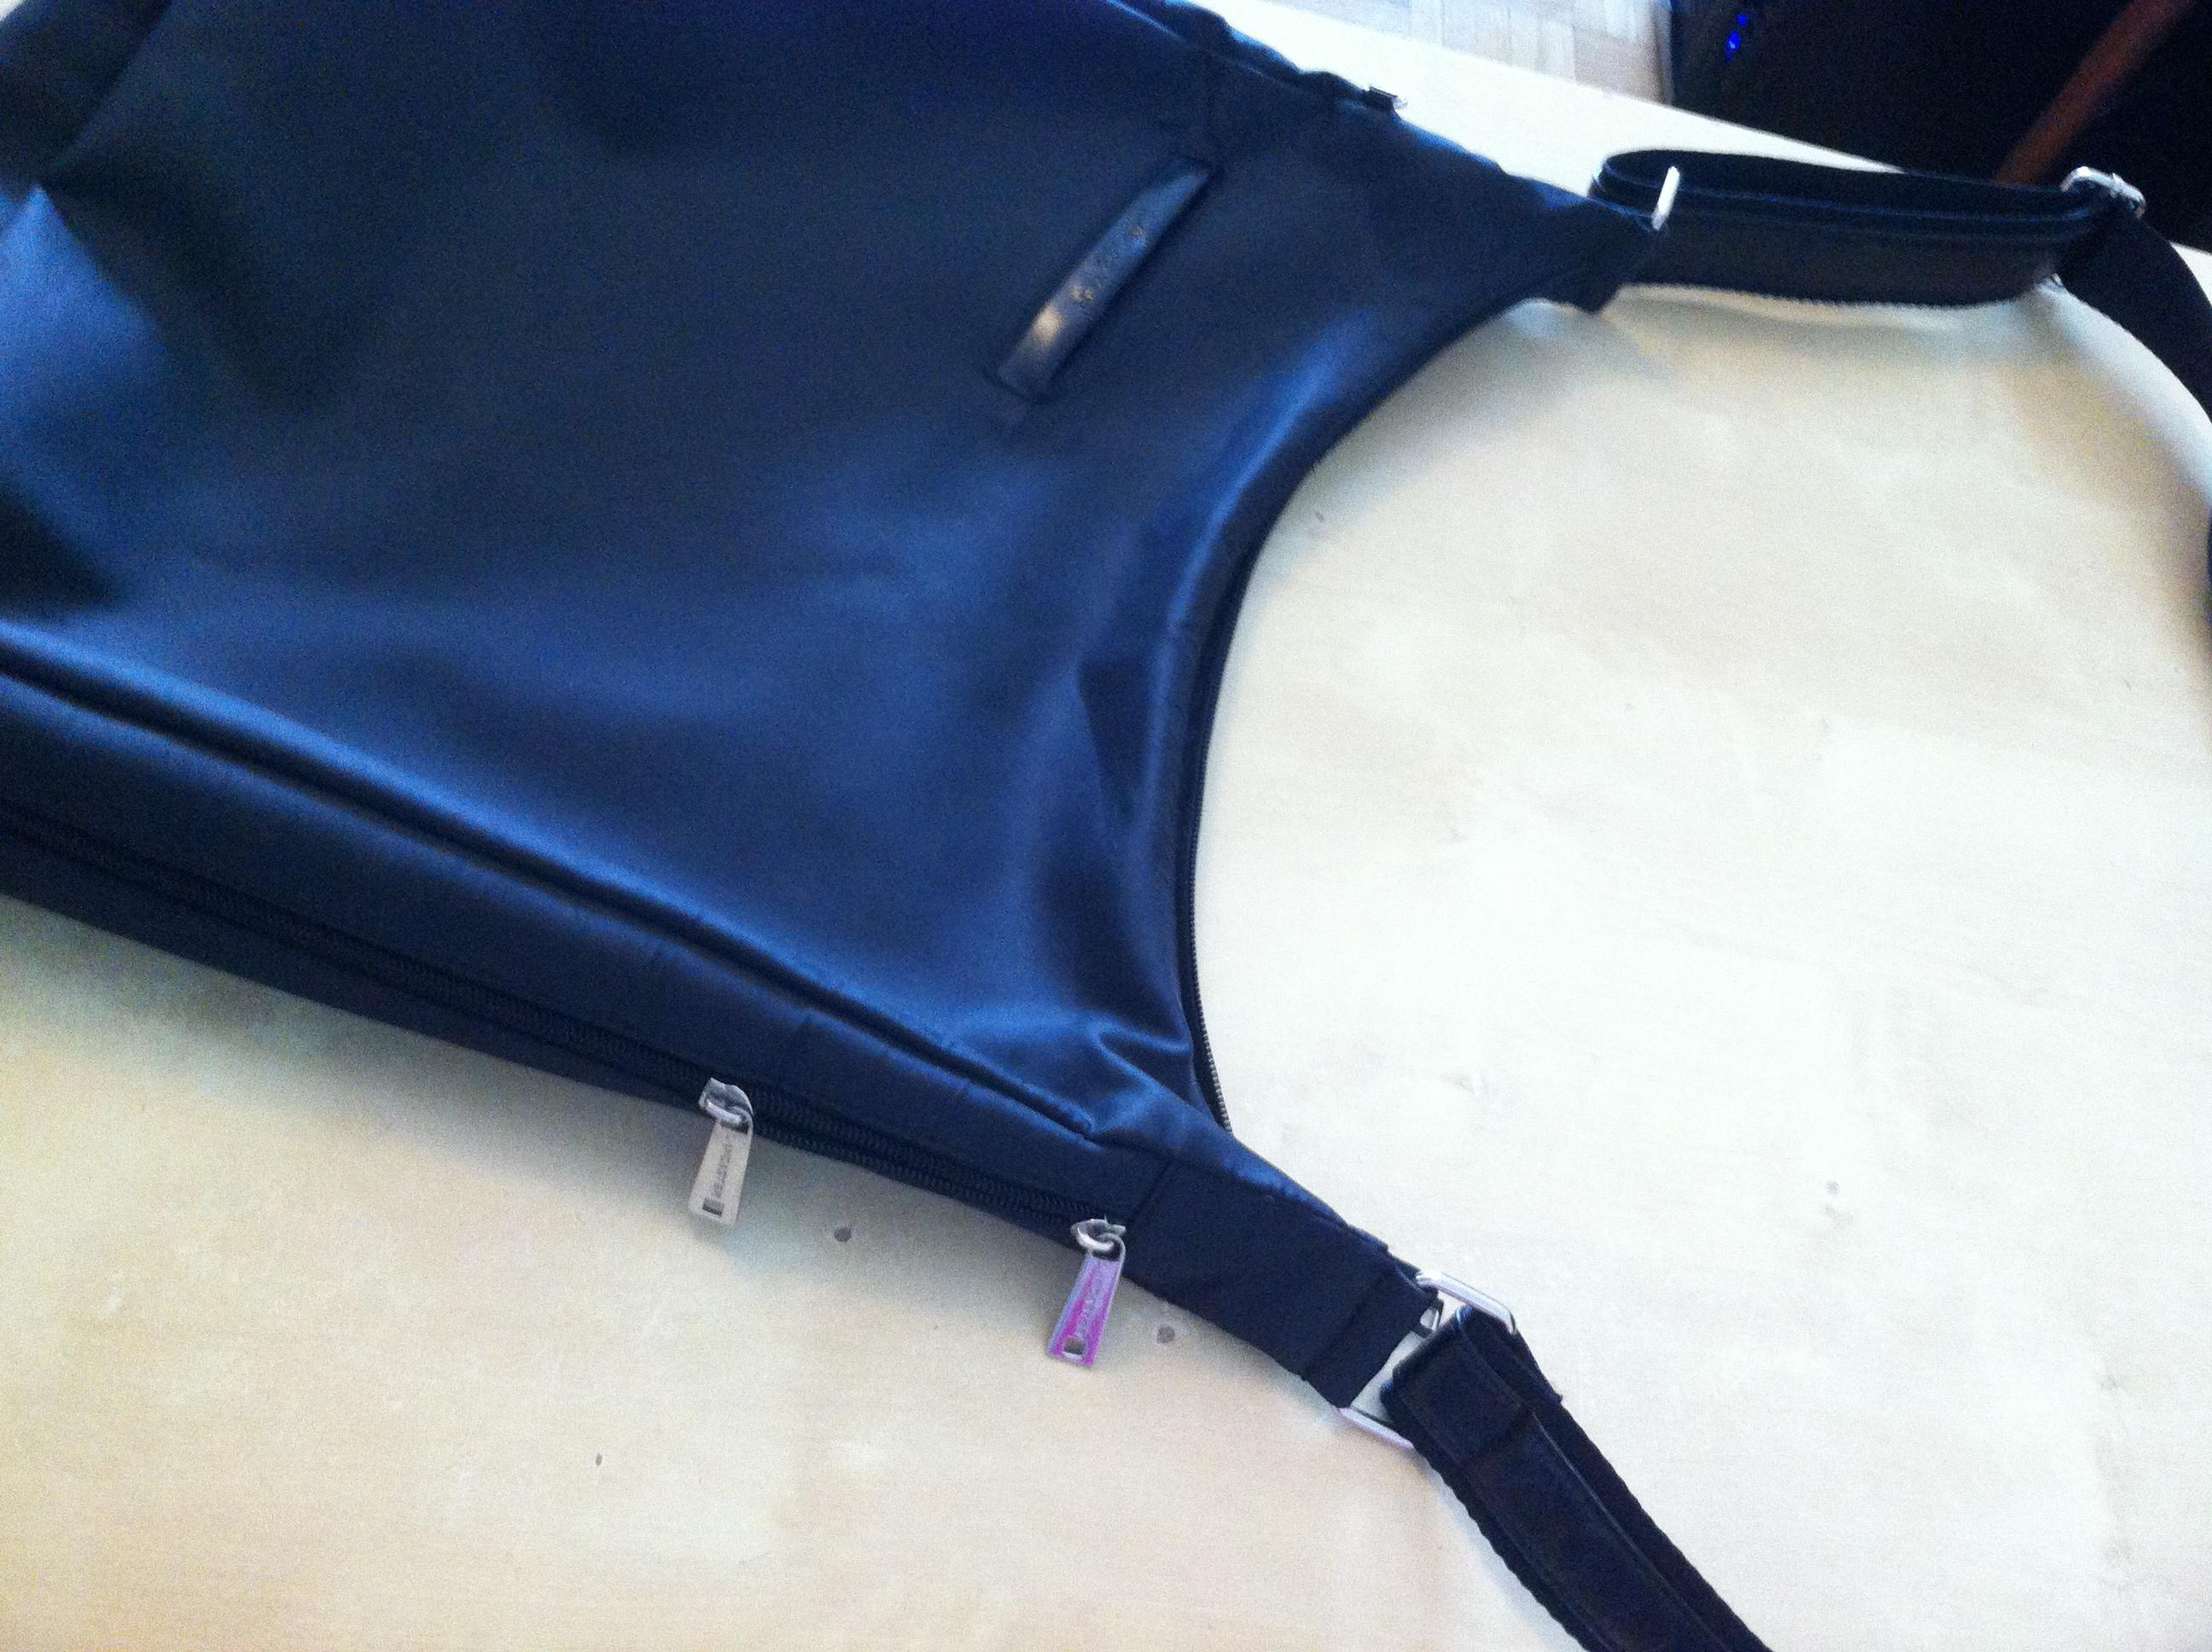 troc de troc sac noir bandouilère lancaster image 1